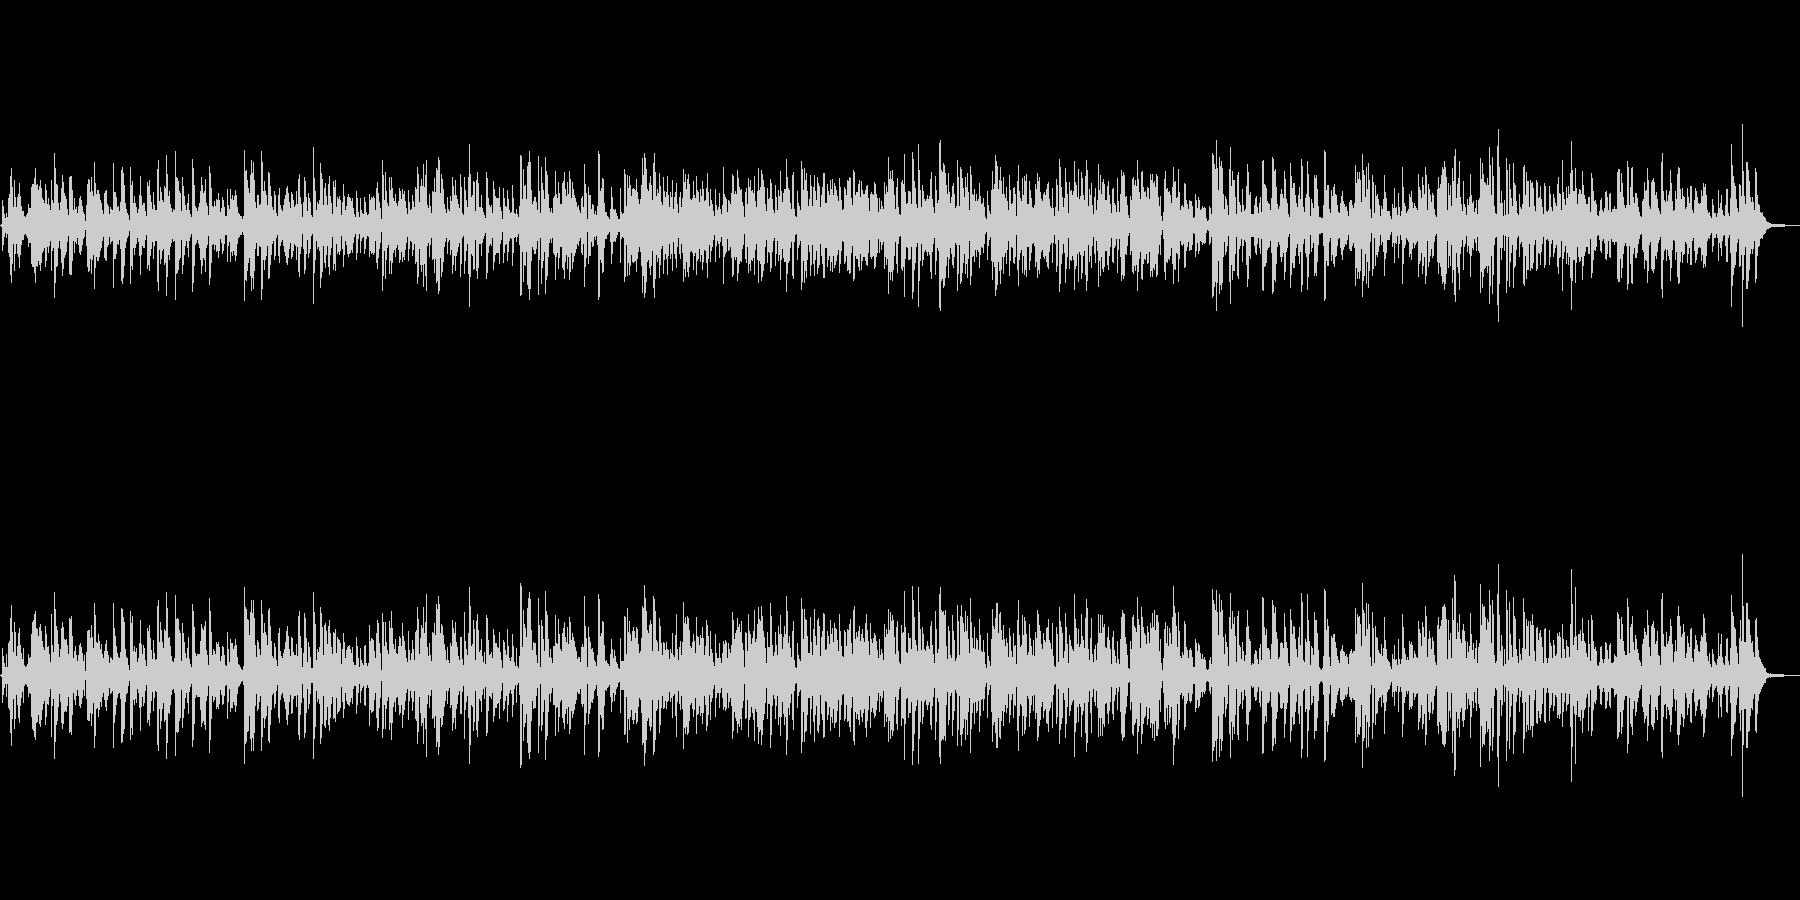 ジャズで癒される大人のムードBGMの未再生の波形